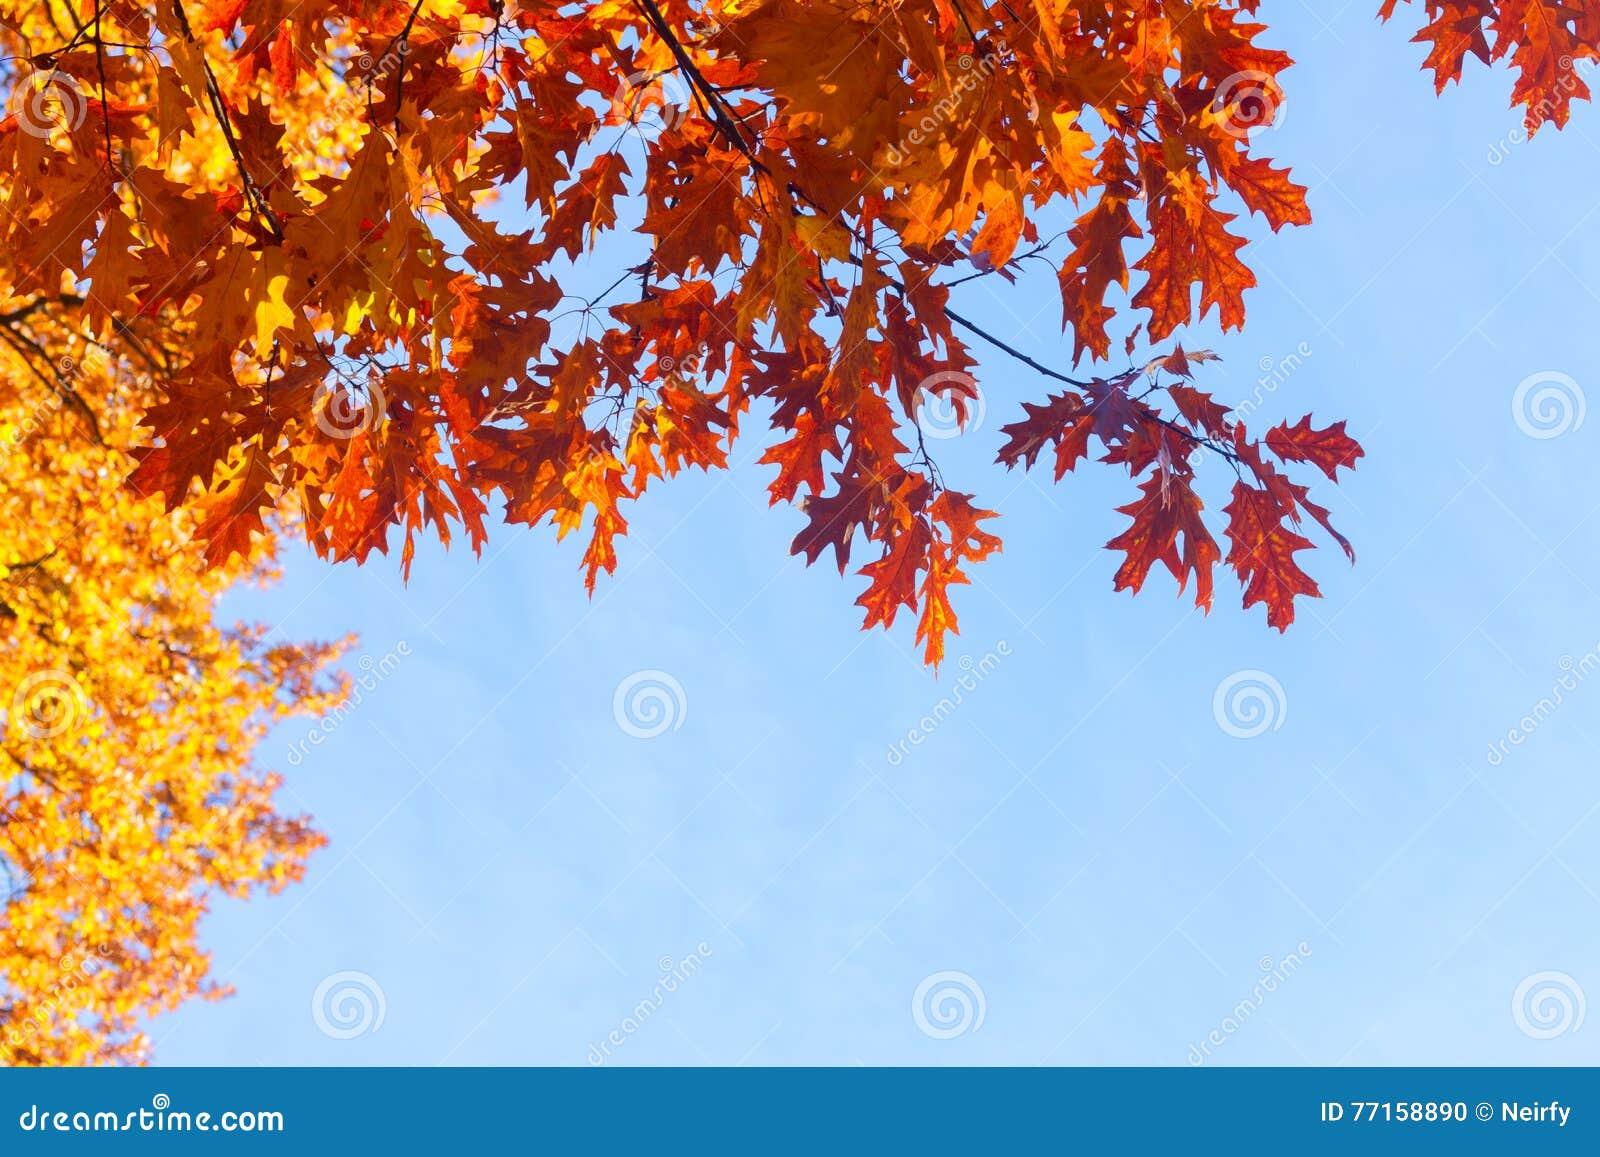 Feuillage d automne vibrant